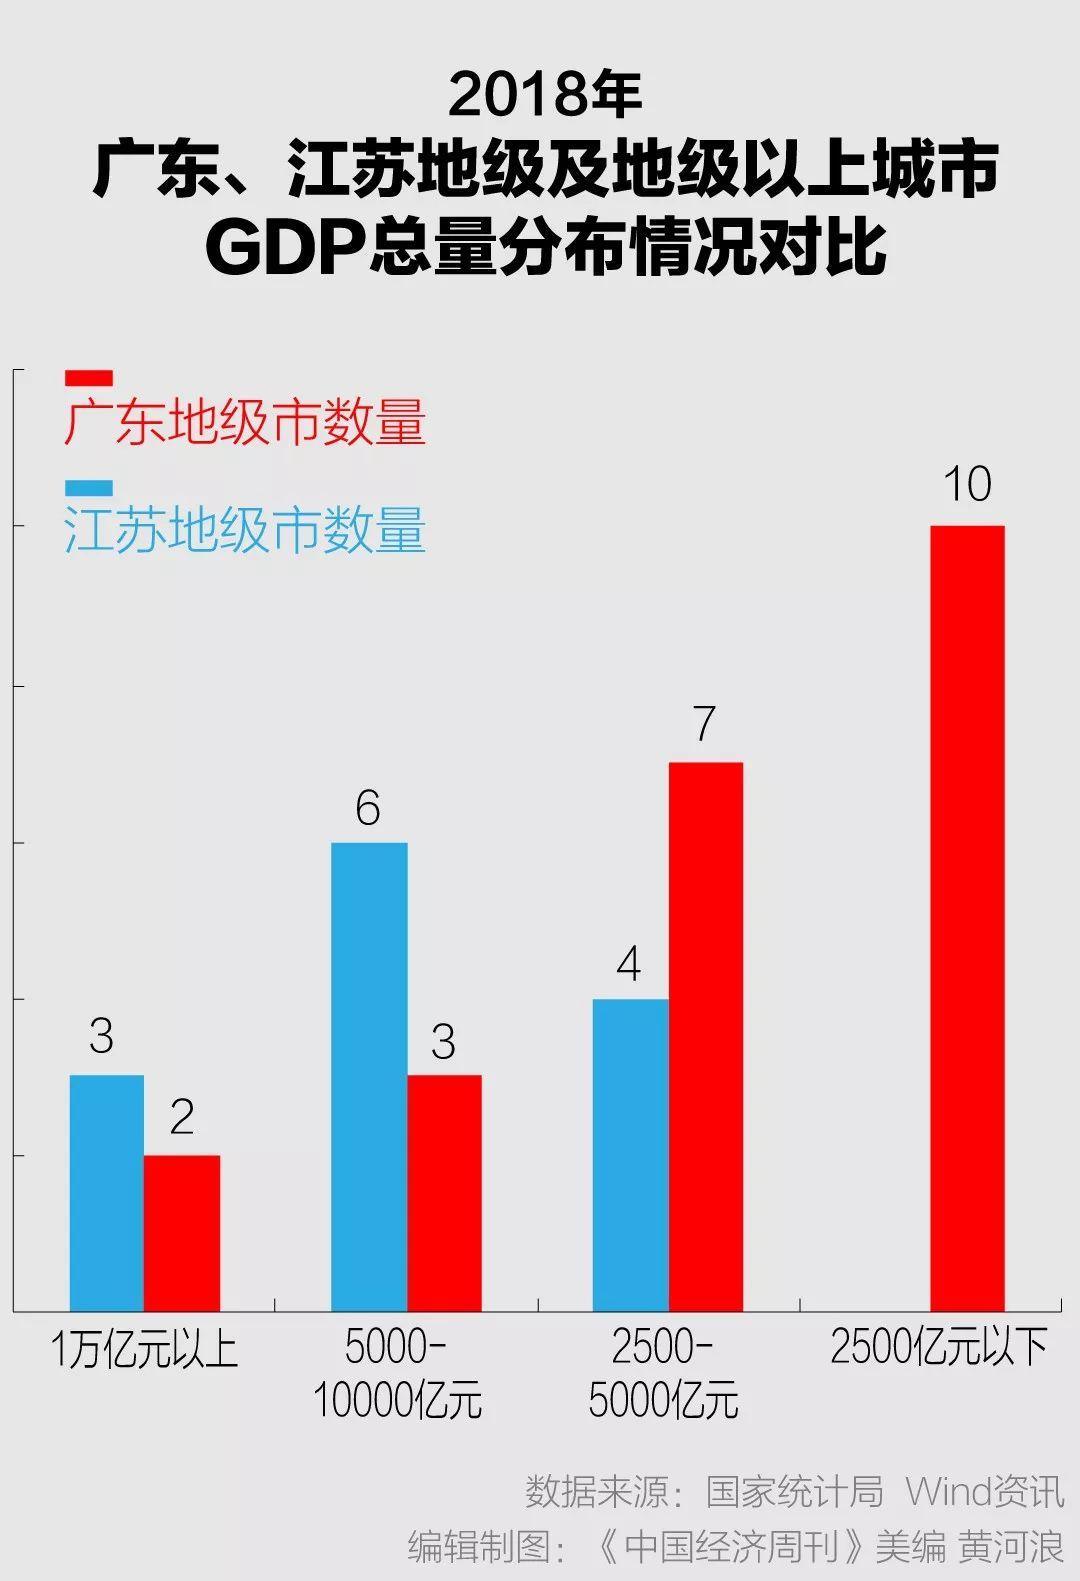 西安市gdp突破万亿大关是在哪一年_官宣 西安GDP首破万亿大关